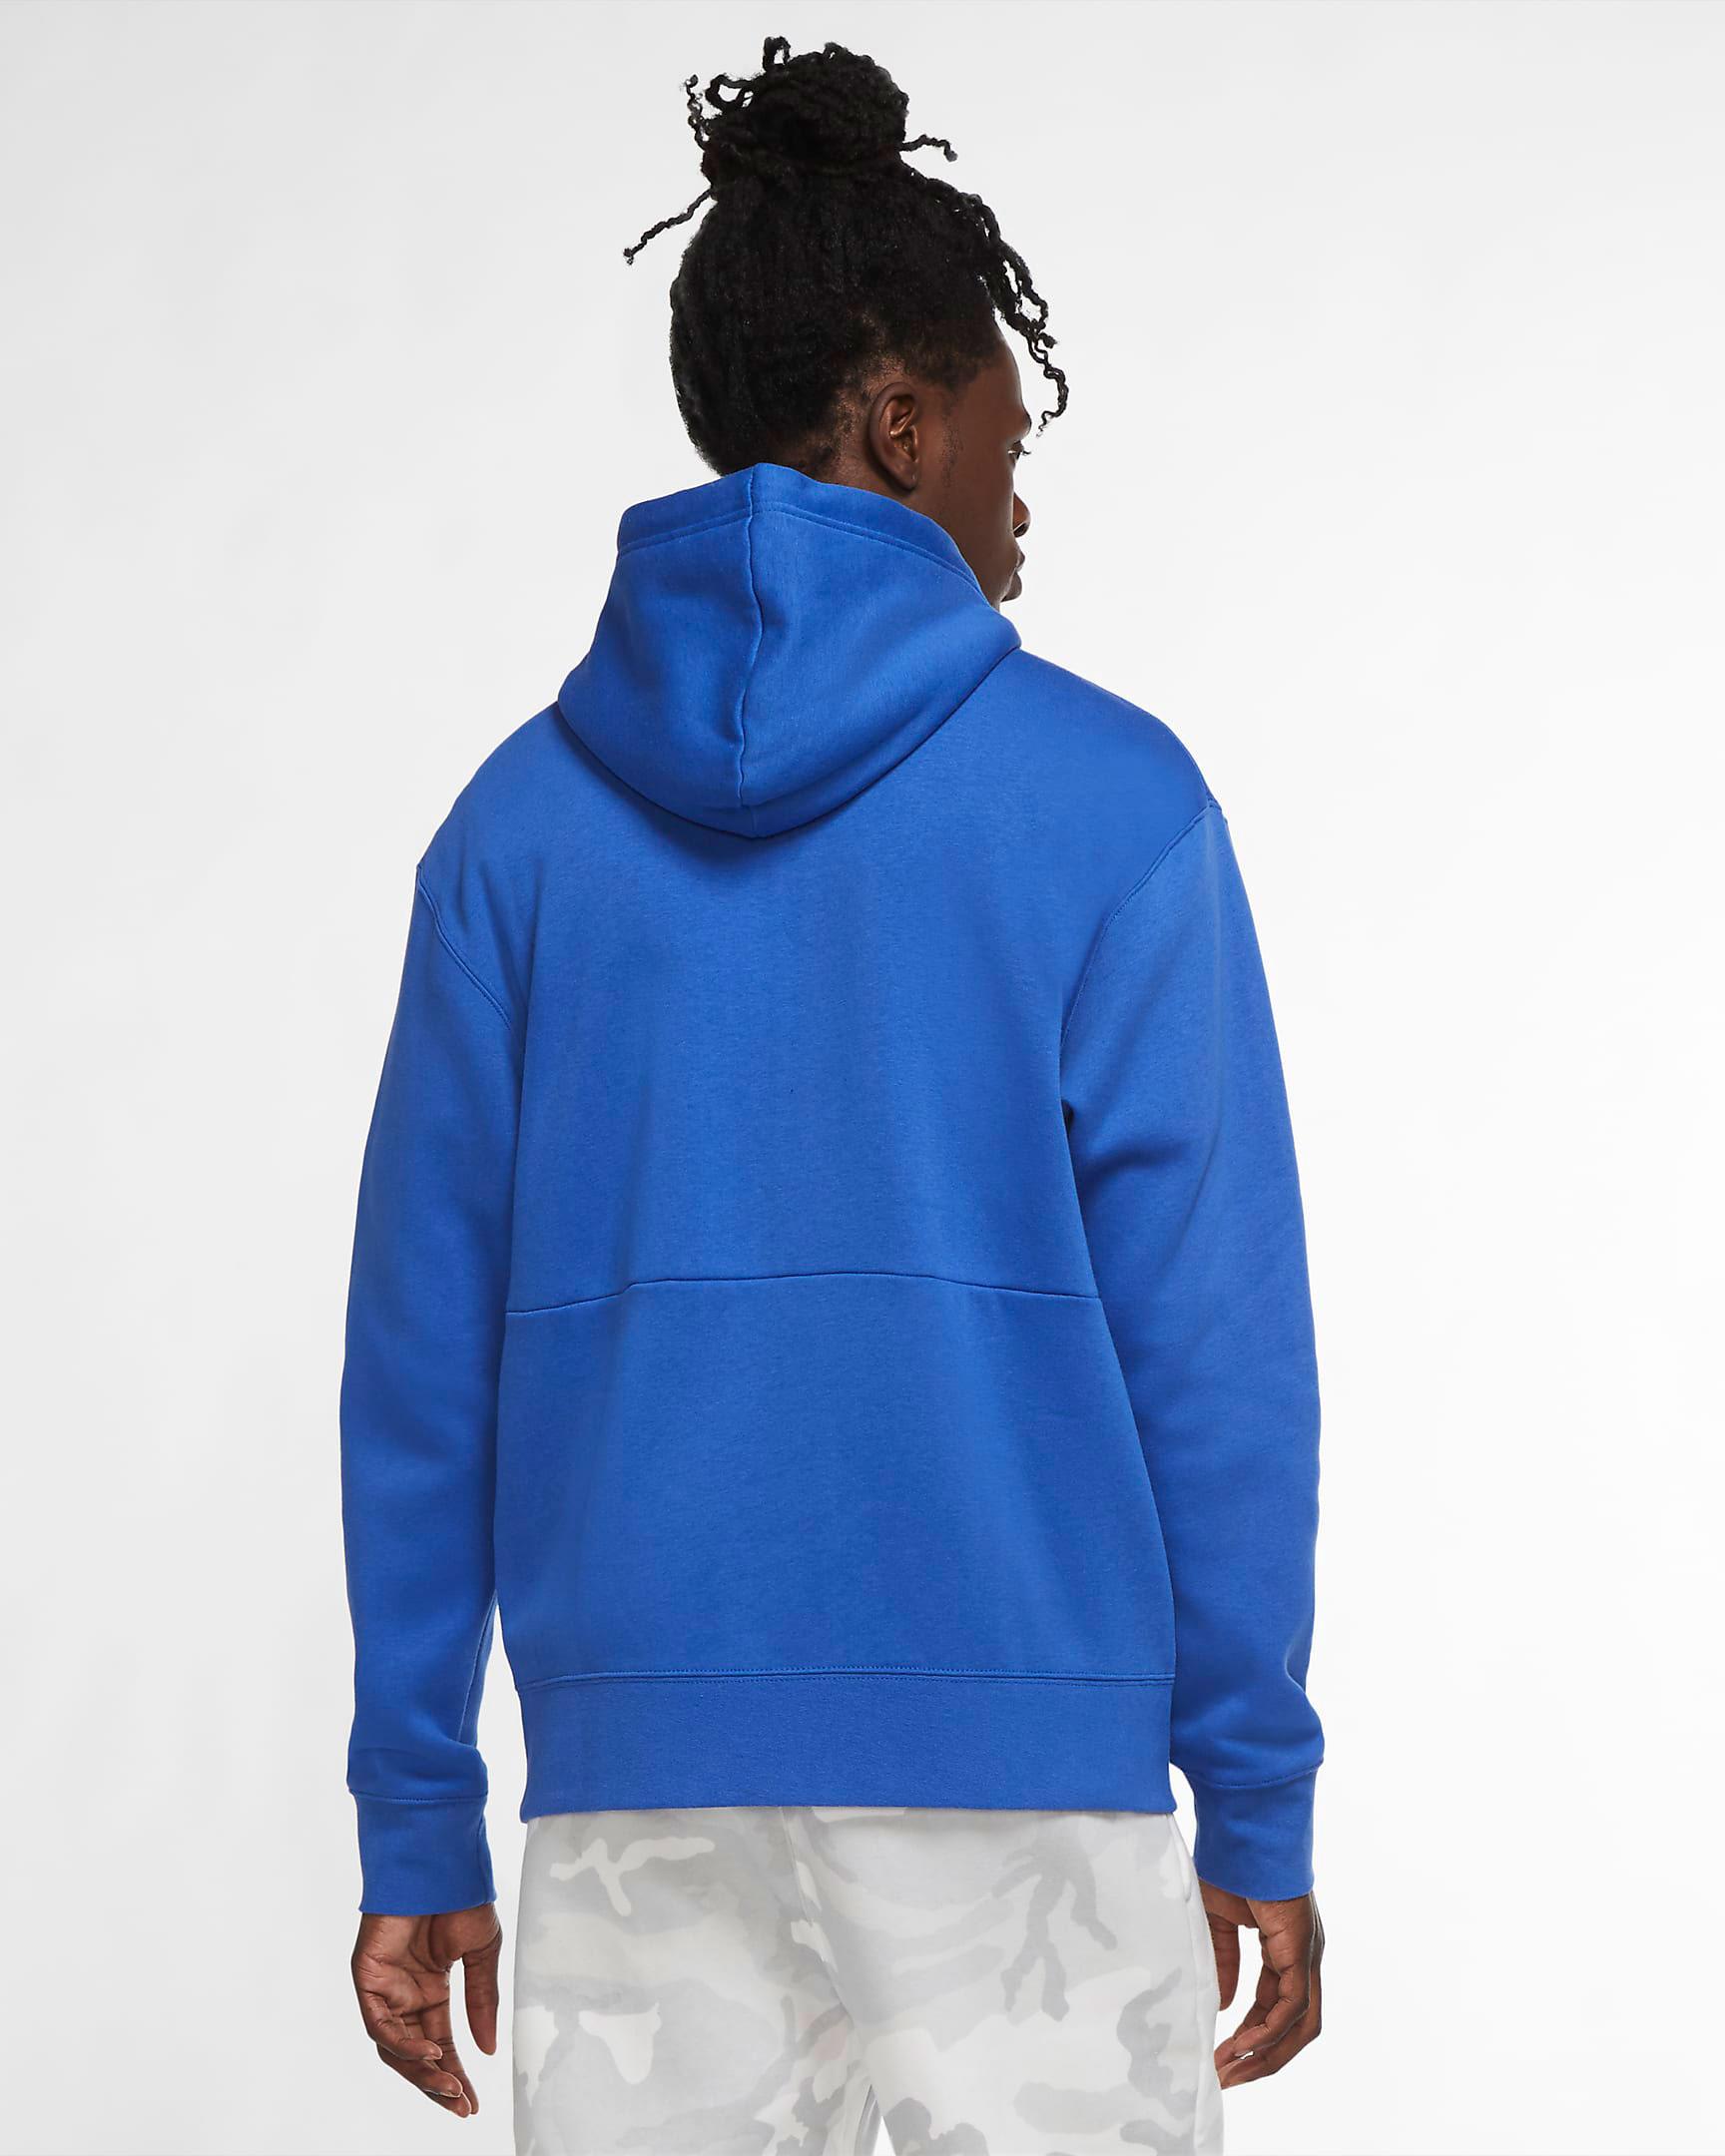 jordan-jumpman-air-zip-hoodie-royal-blue-2